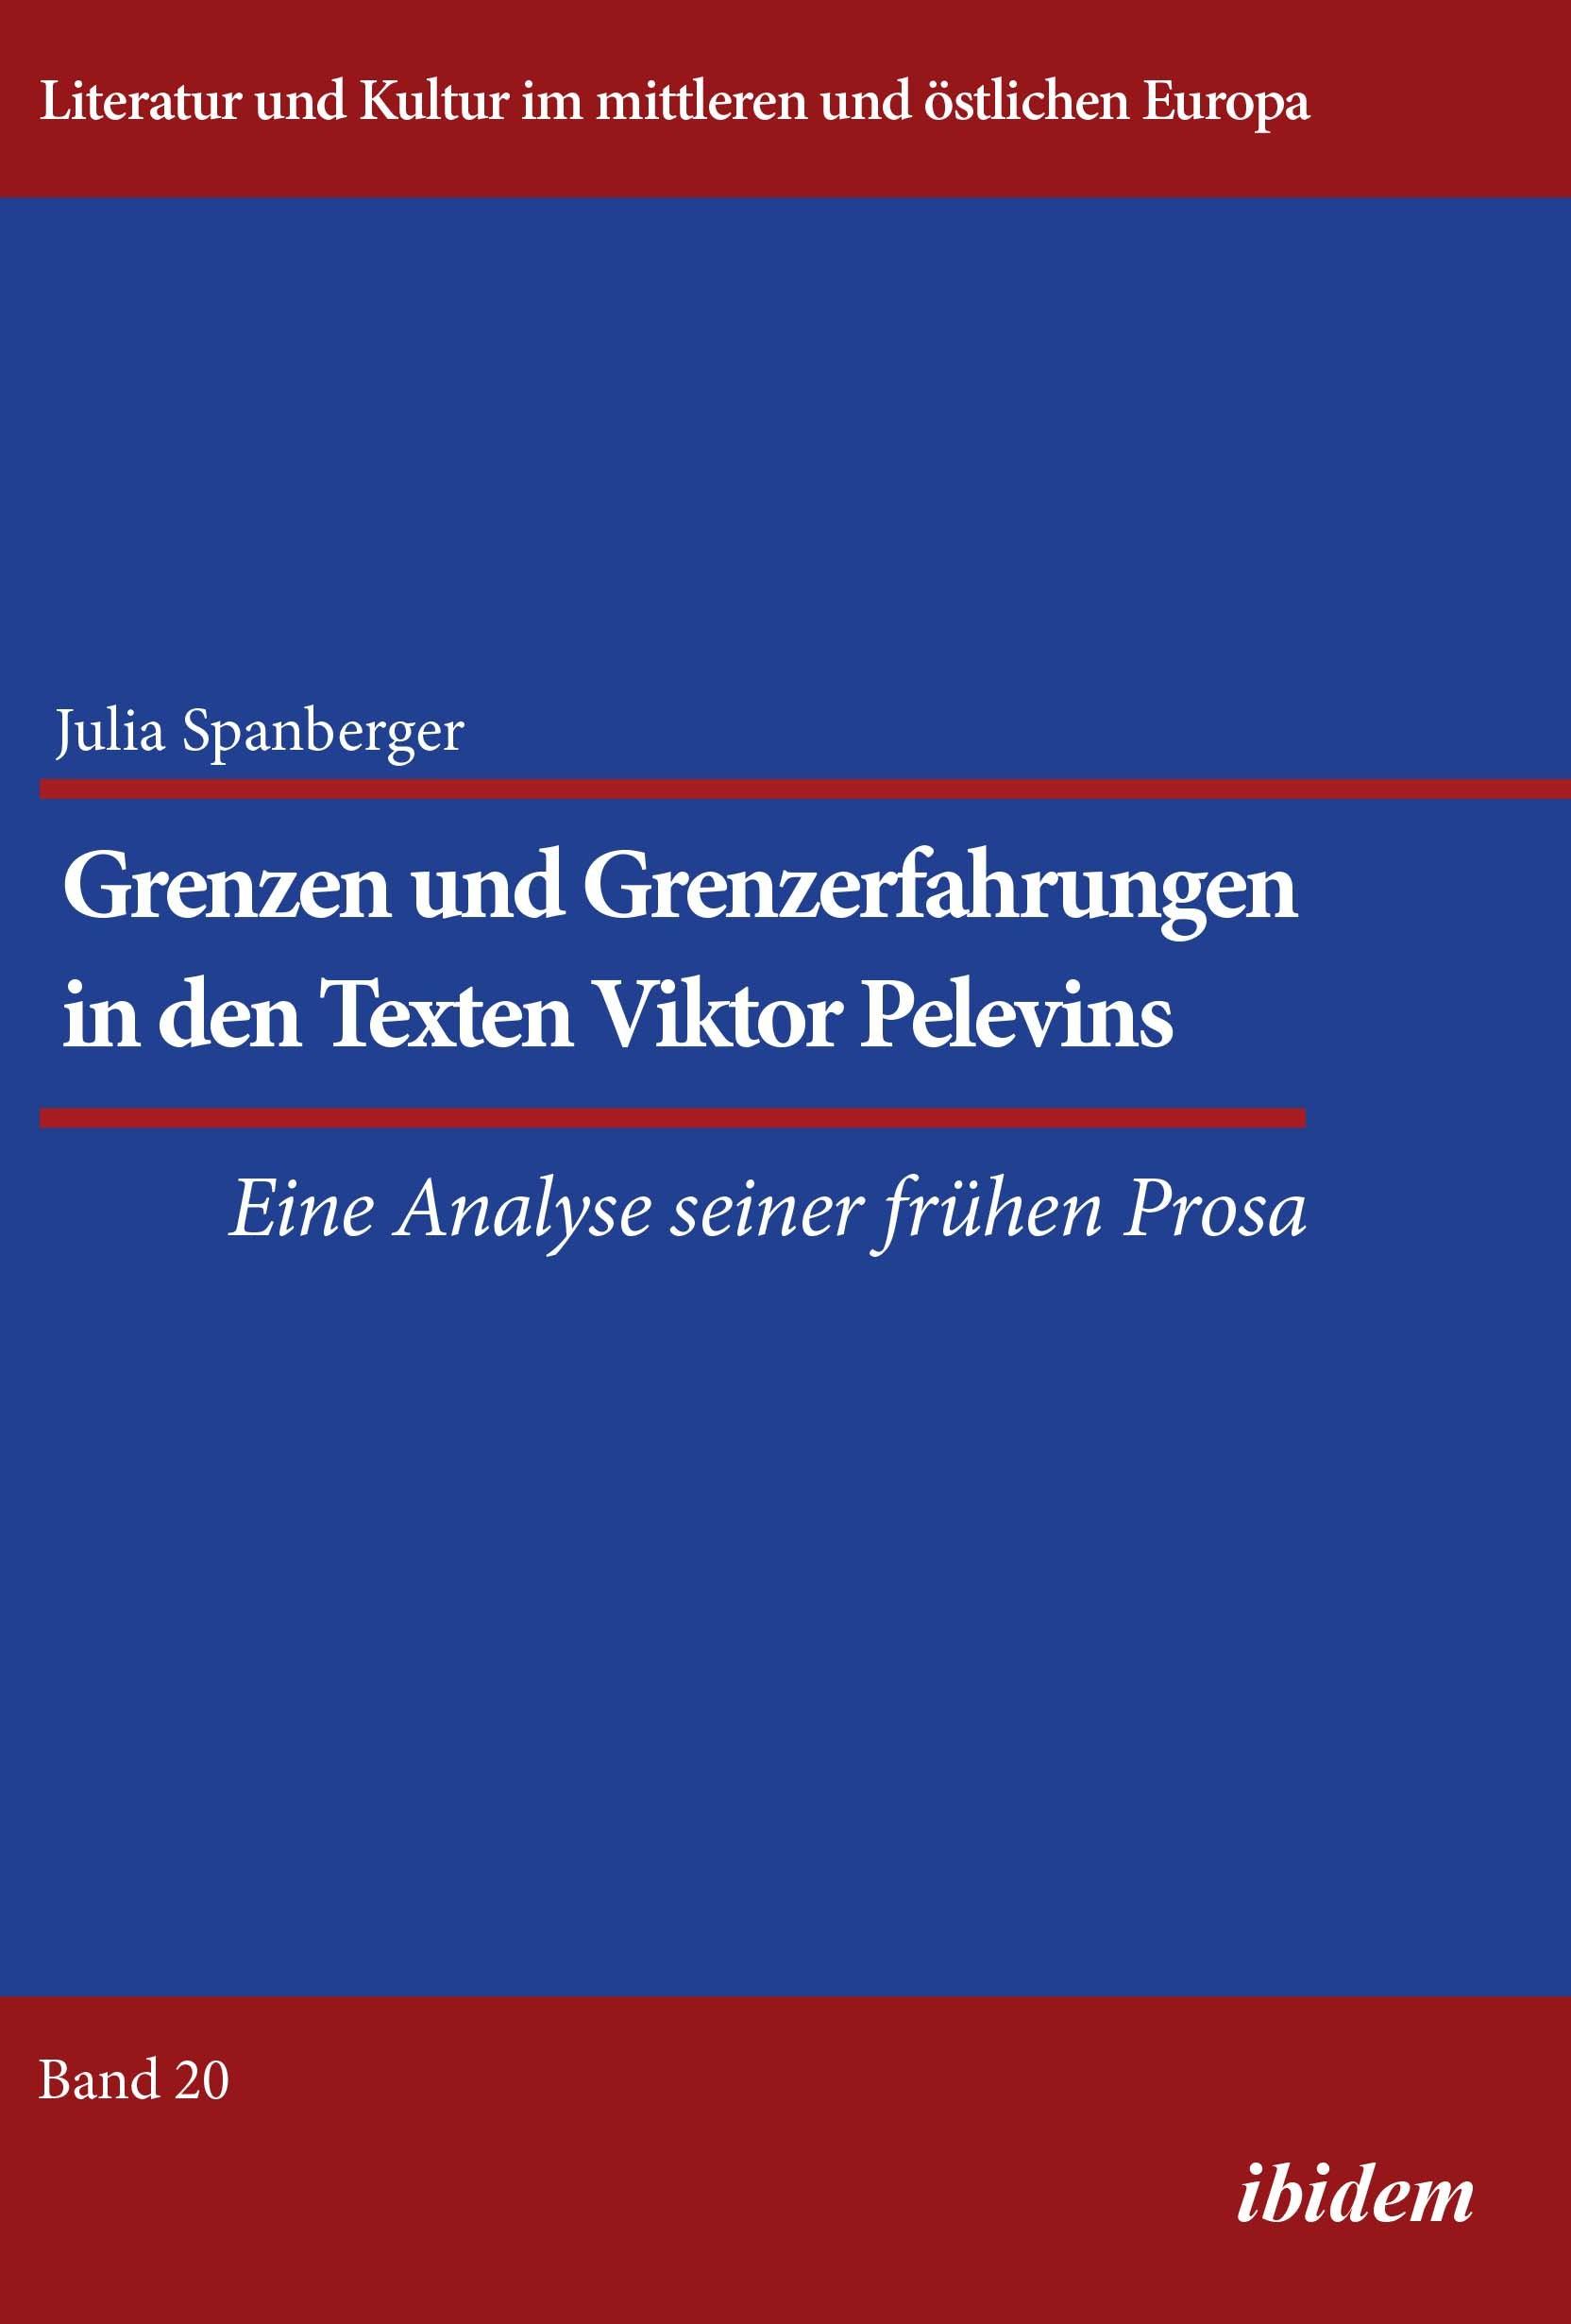 Grenzen und Grenzerfahrungen in den Texten Viktor Pelevins